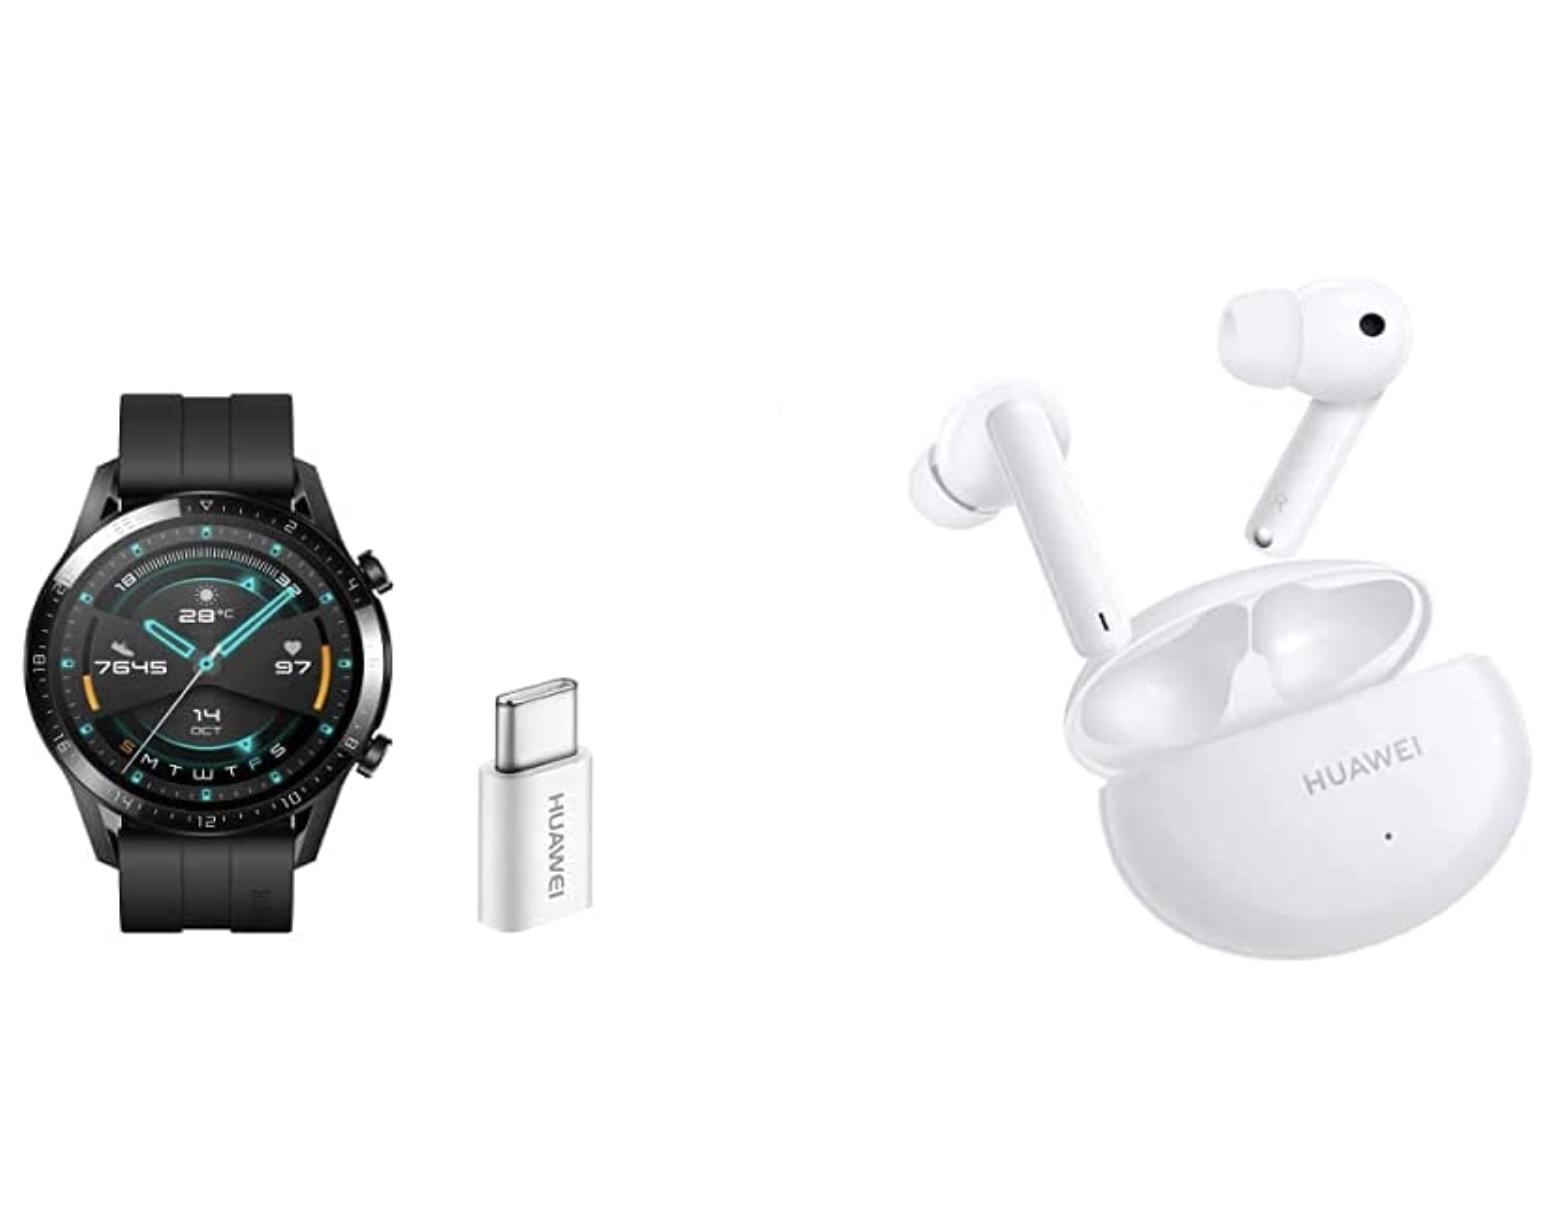 Huawei Watch GT2 Sport + Huawei Freebuds 4i